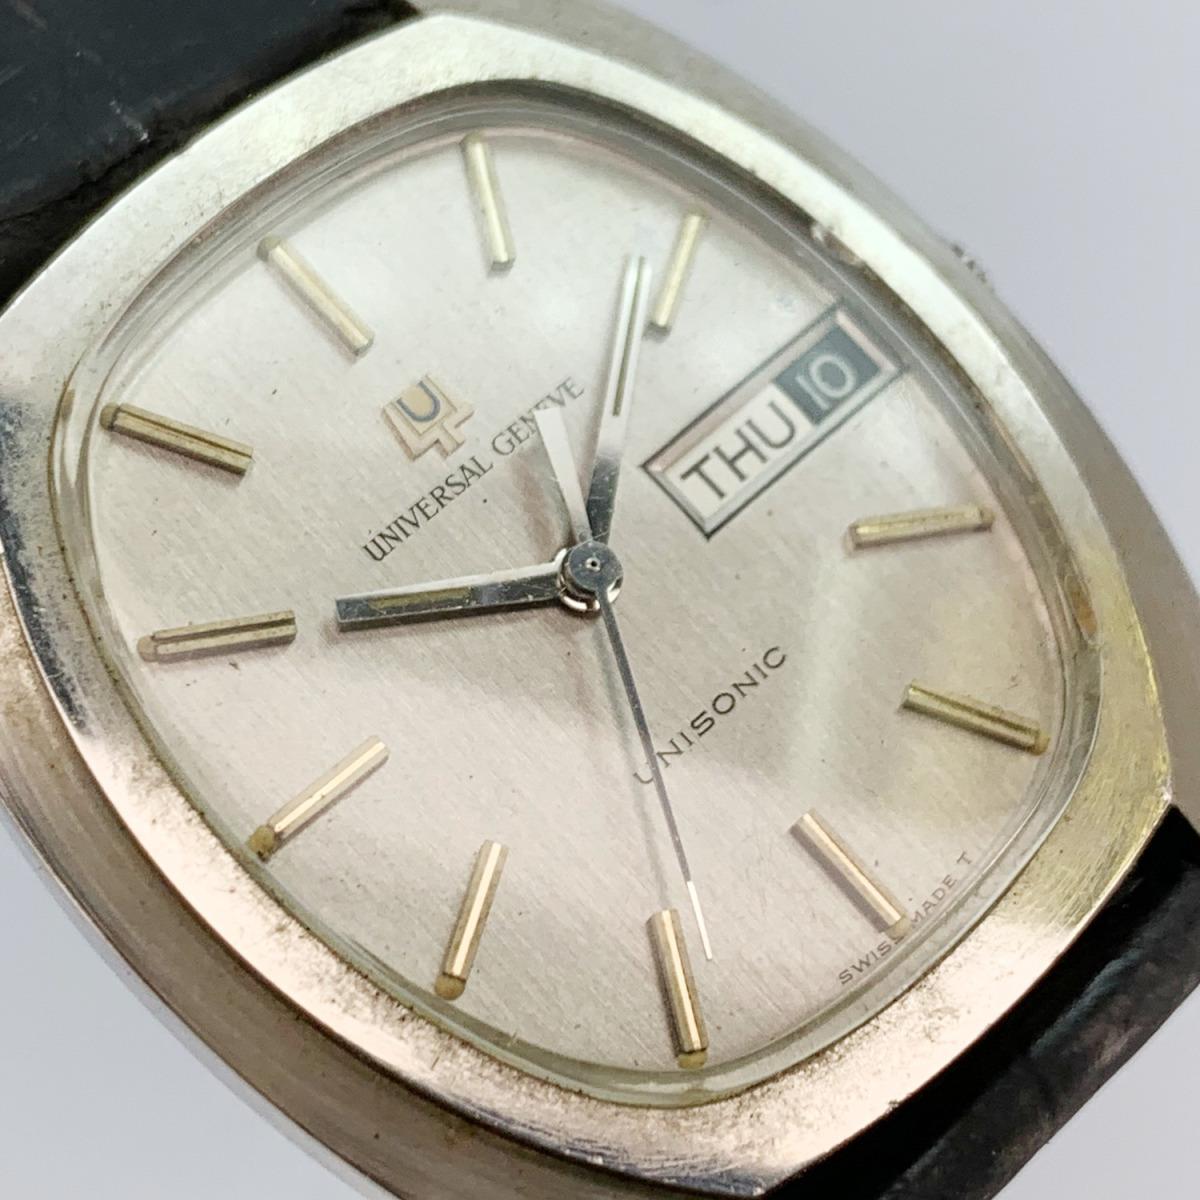 値下げ Universal Geneve ユニバーサルジュネーヴ 853106 Vintage Unisonic Men's Watch 音叉時計 メンズ U_画像10